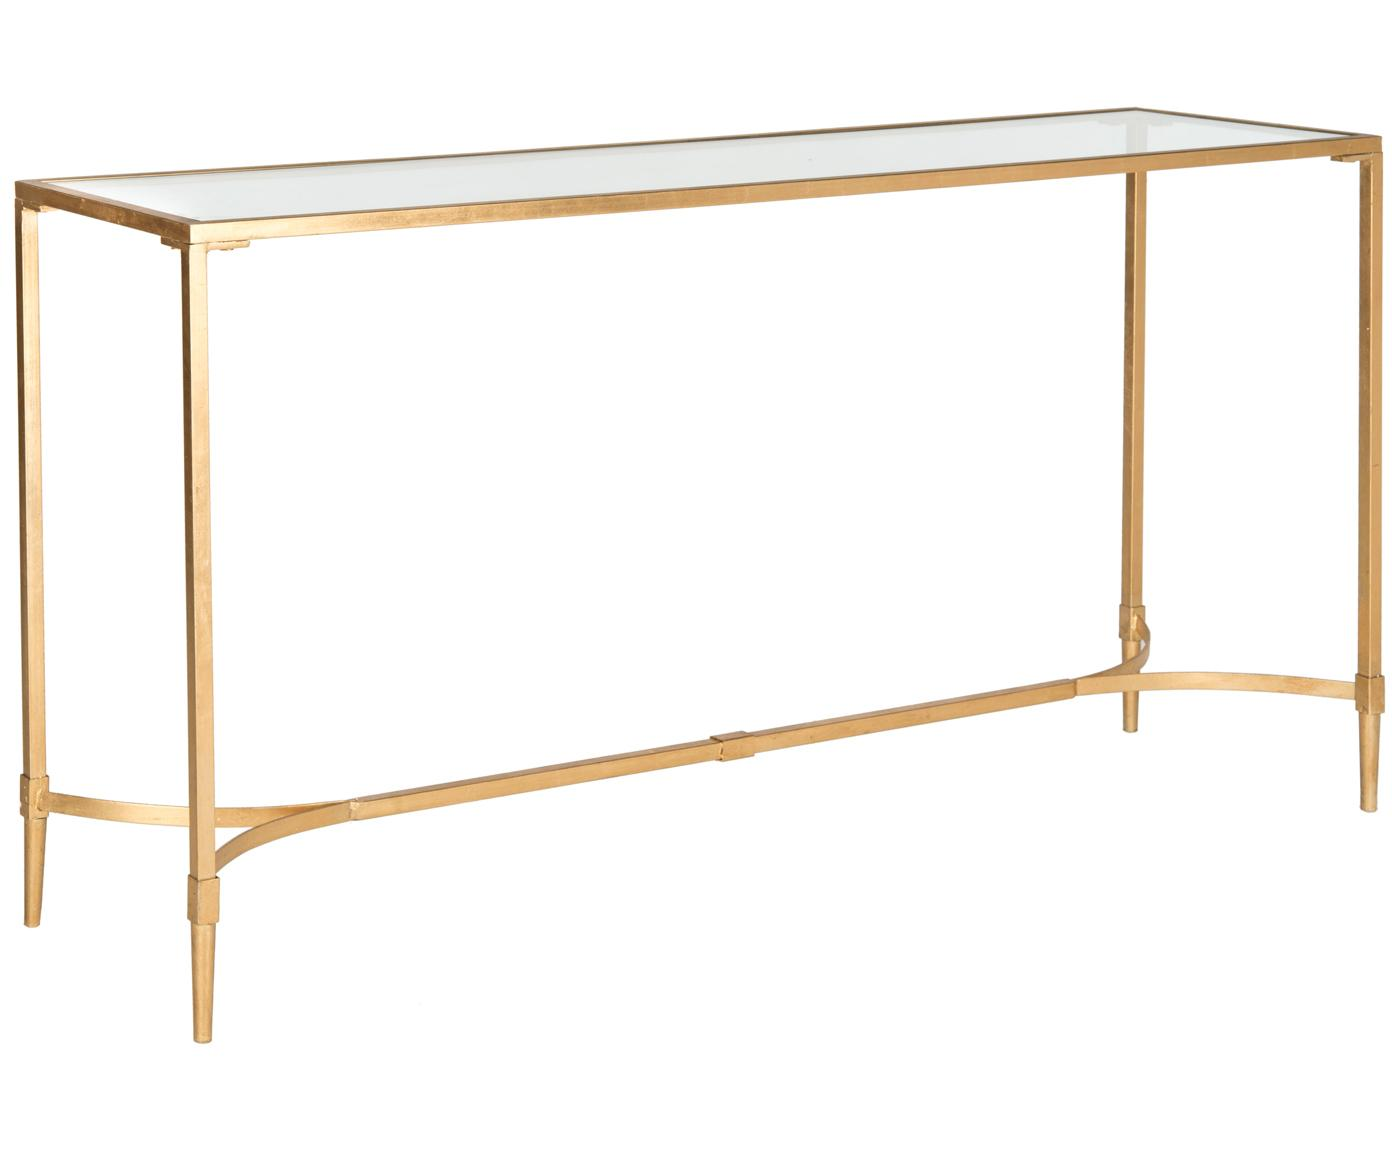 Konsole Abigail mit goldfarbenem Gestell, Gestell: Eisen, lackiert, Tischplatte: Glas, Goldfarben, Transparent, B 160 x T 40 cm